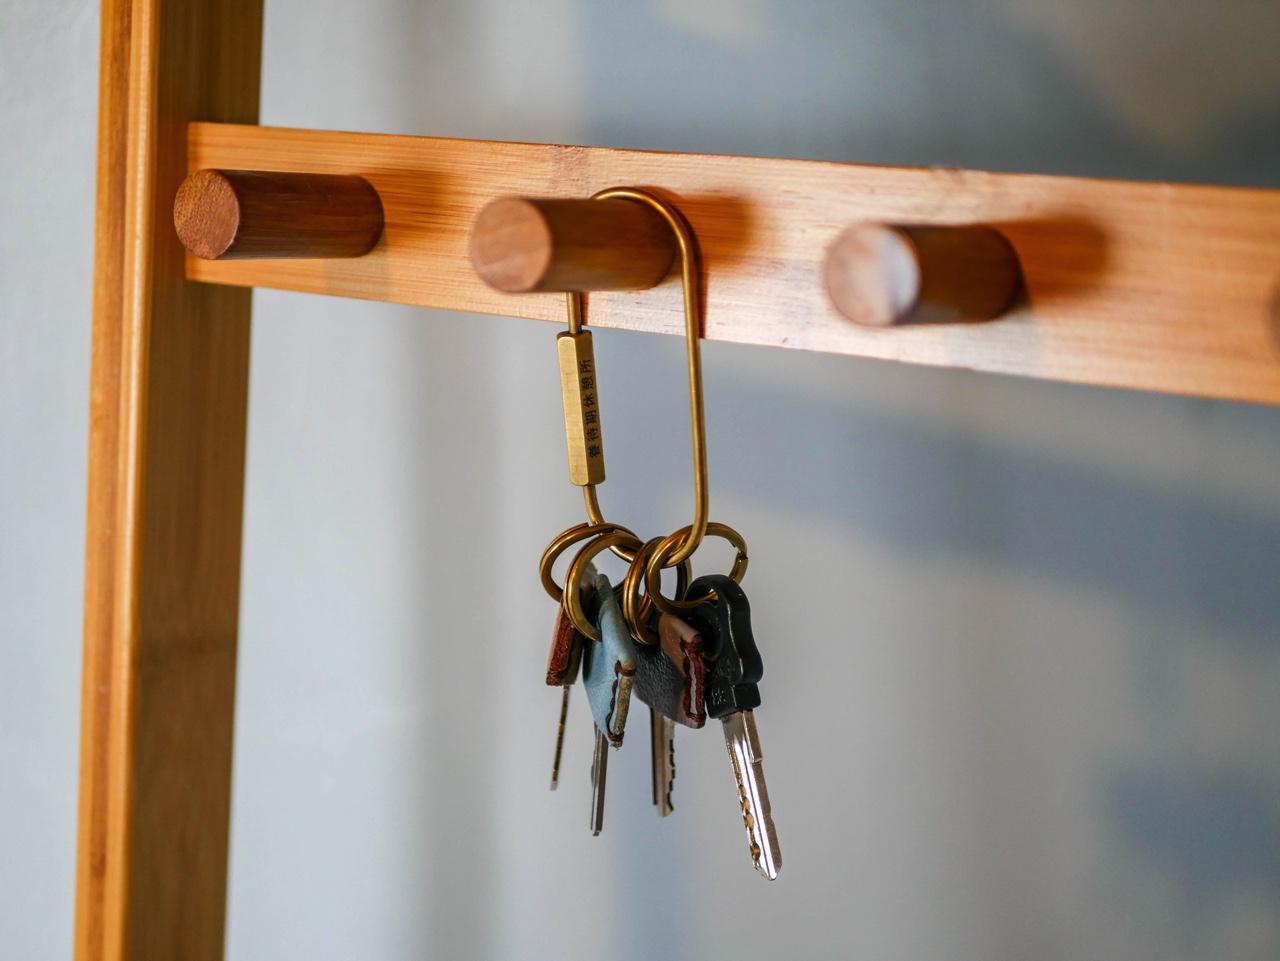 眷待期休憩所の鍵